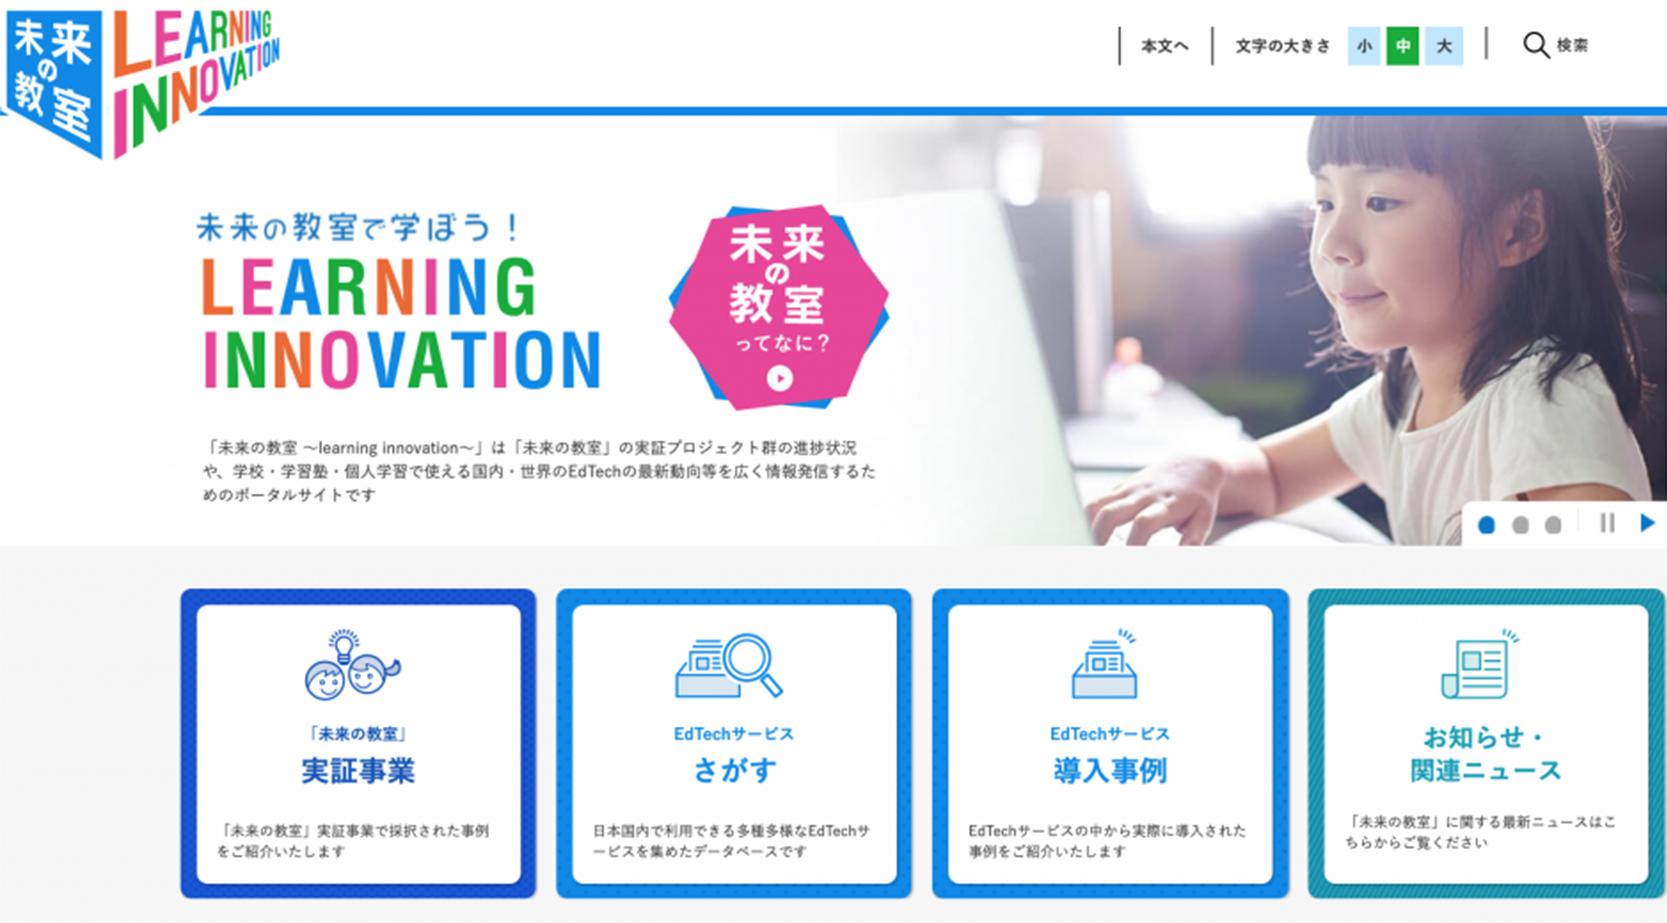 探究学習普及プロジェクト(経産省「未来の教室」事業)のイメージ